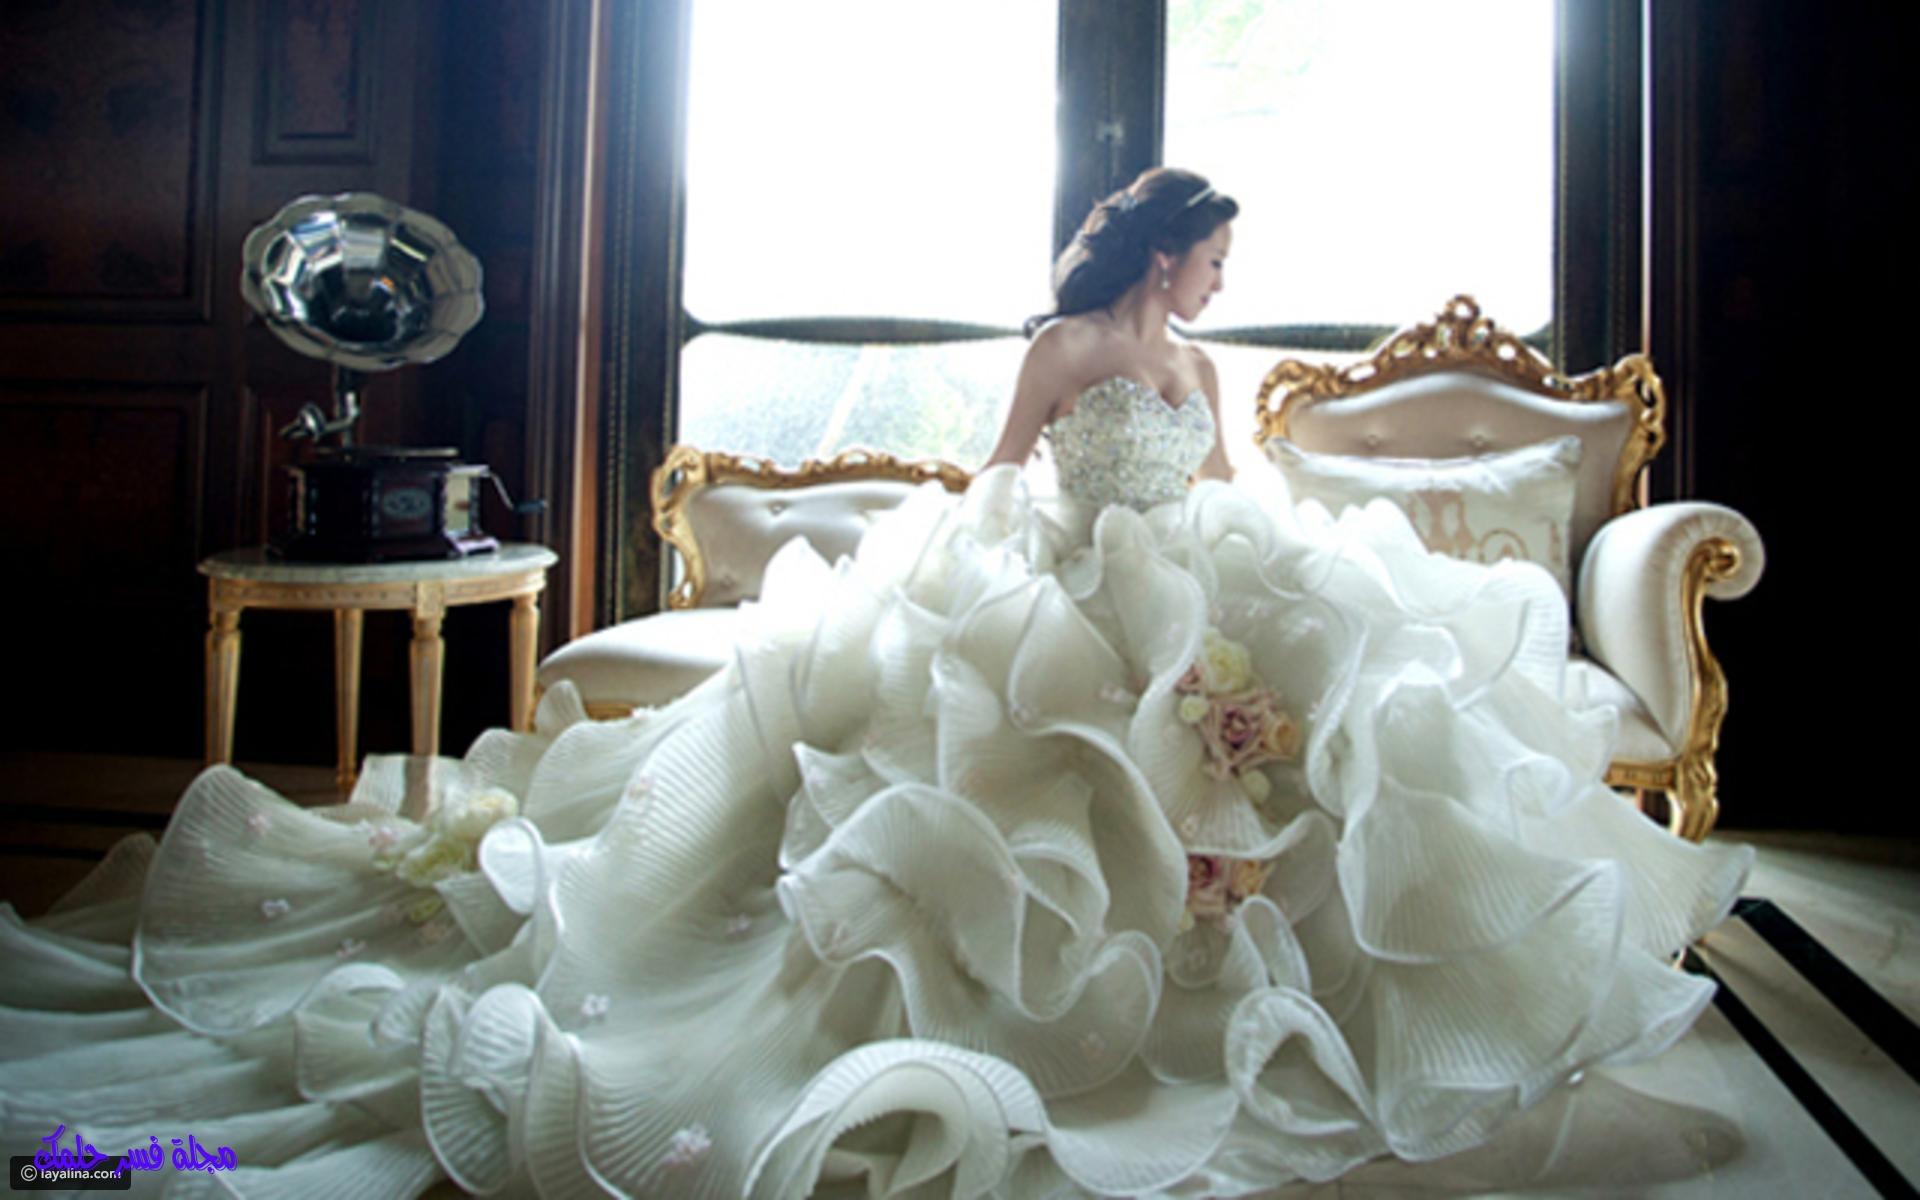 تفسير حلم الثوب الأبيض في المنام للمطلقة